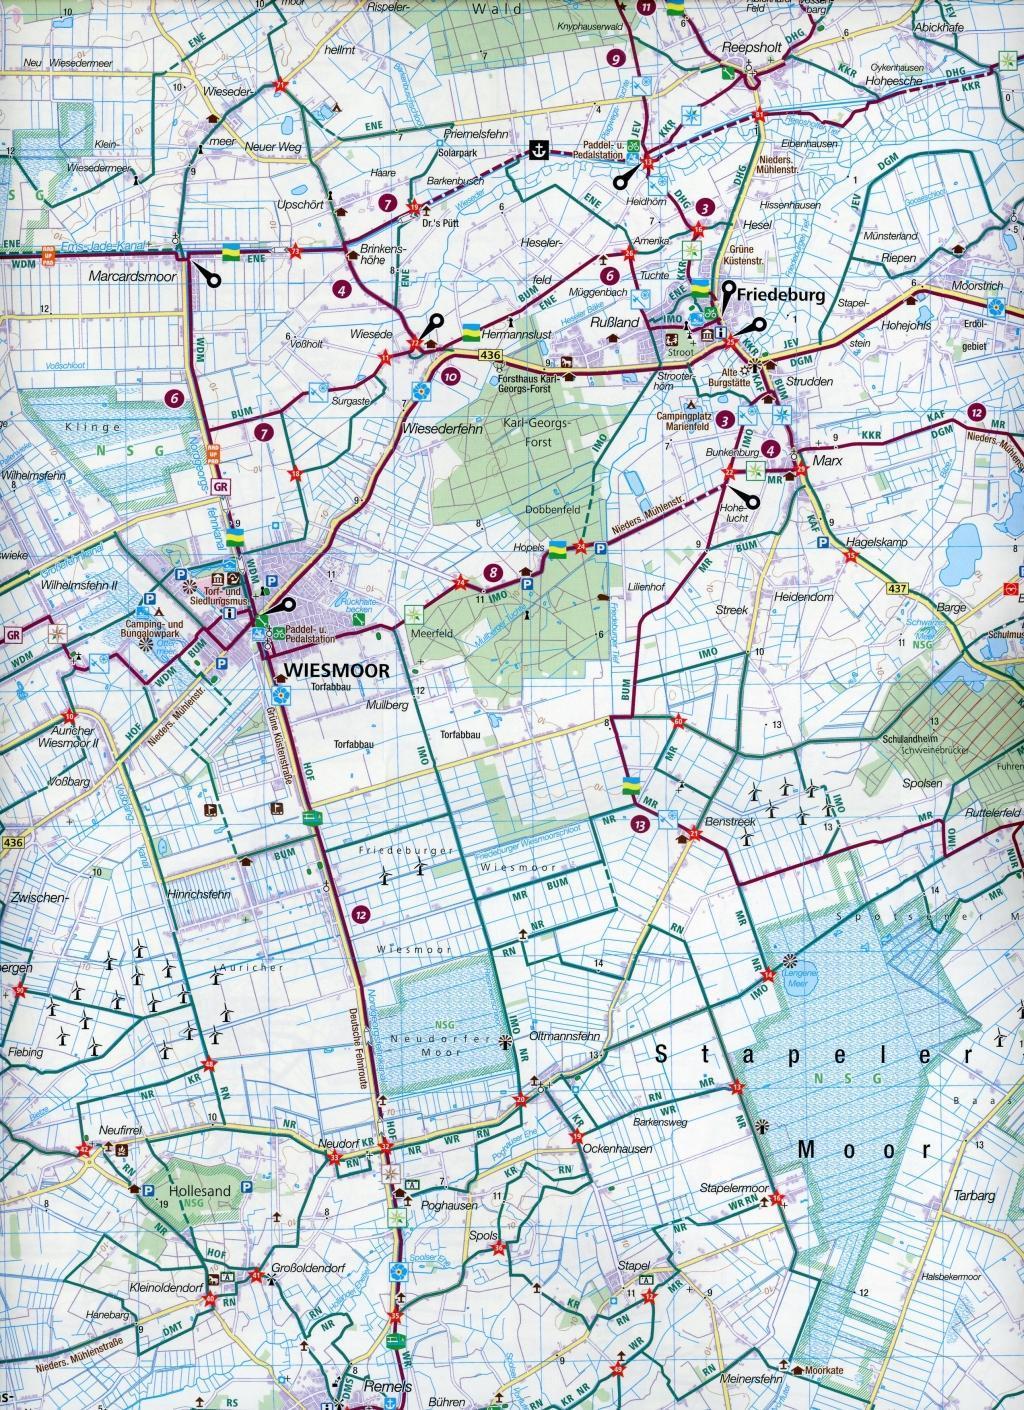 KOMPASS Fahrradkarte Wangerland, Wilhelmshaven, Jadebusen 1:70.0